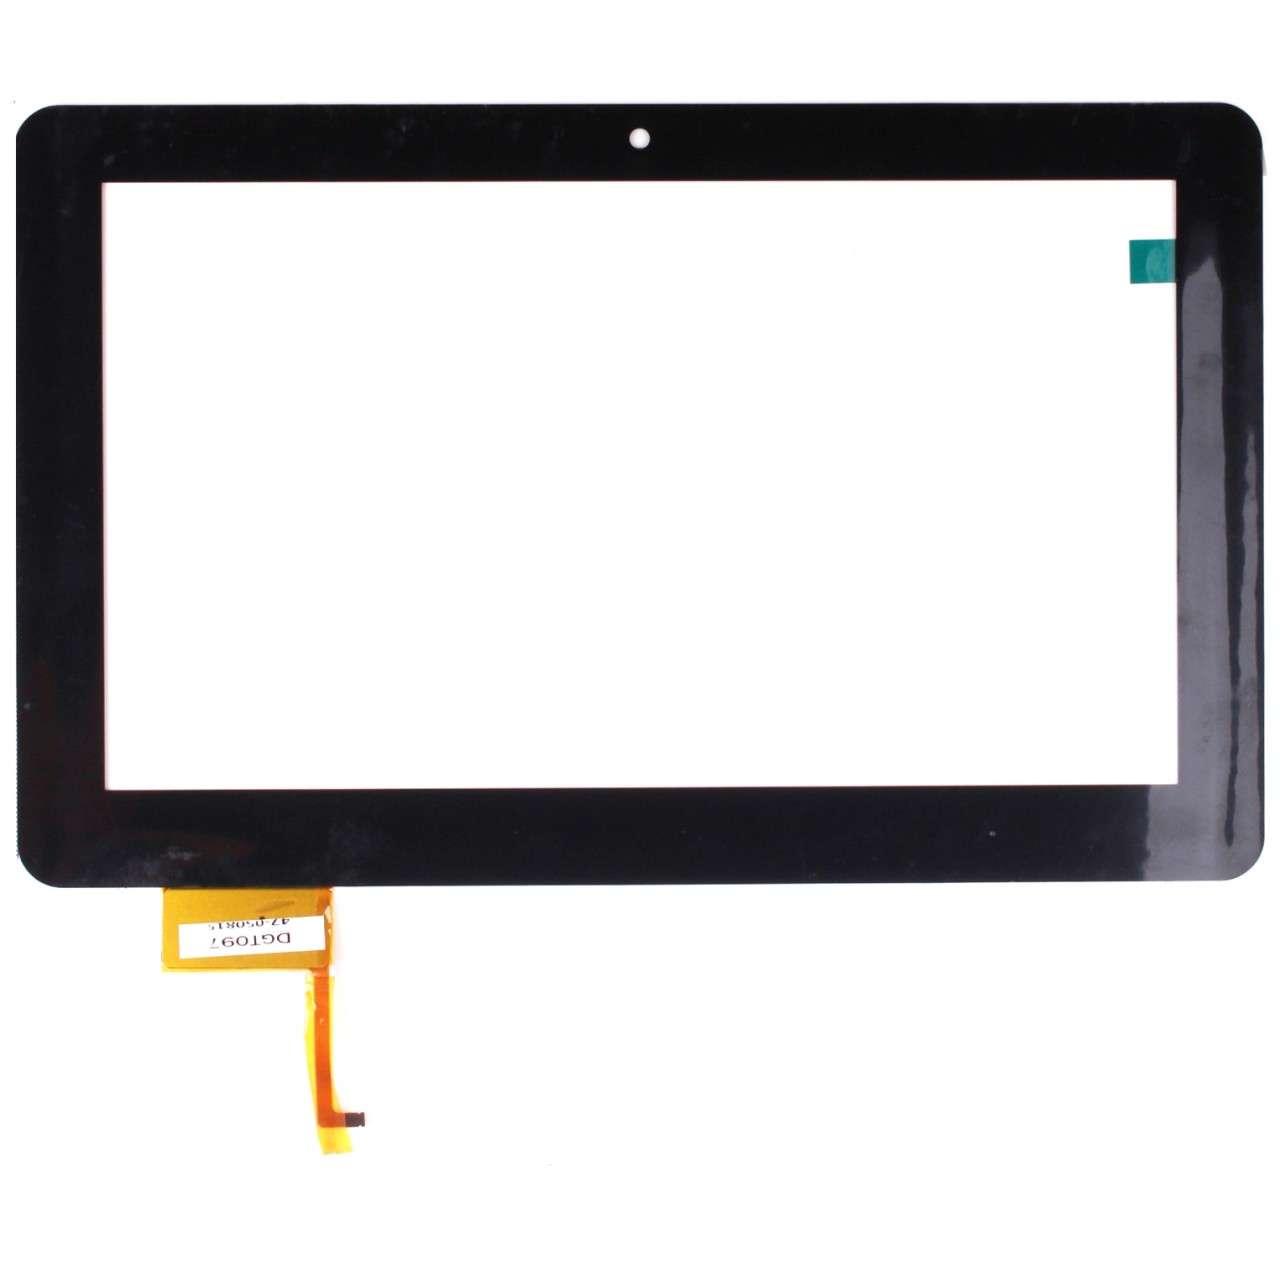 Touchscreen Digitizer Polaroid 10.1 Geam Sticla Tableta imagine powerlaptop.ro 2021